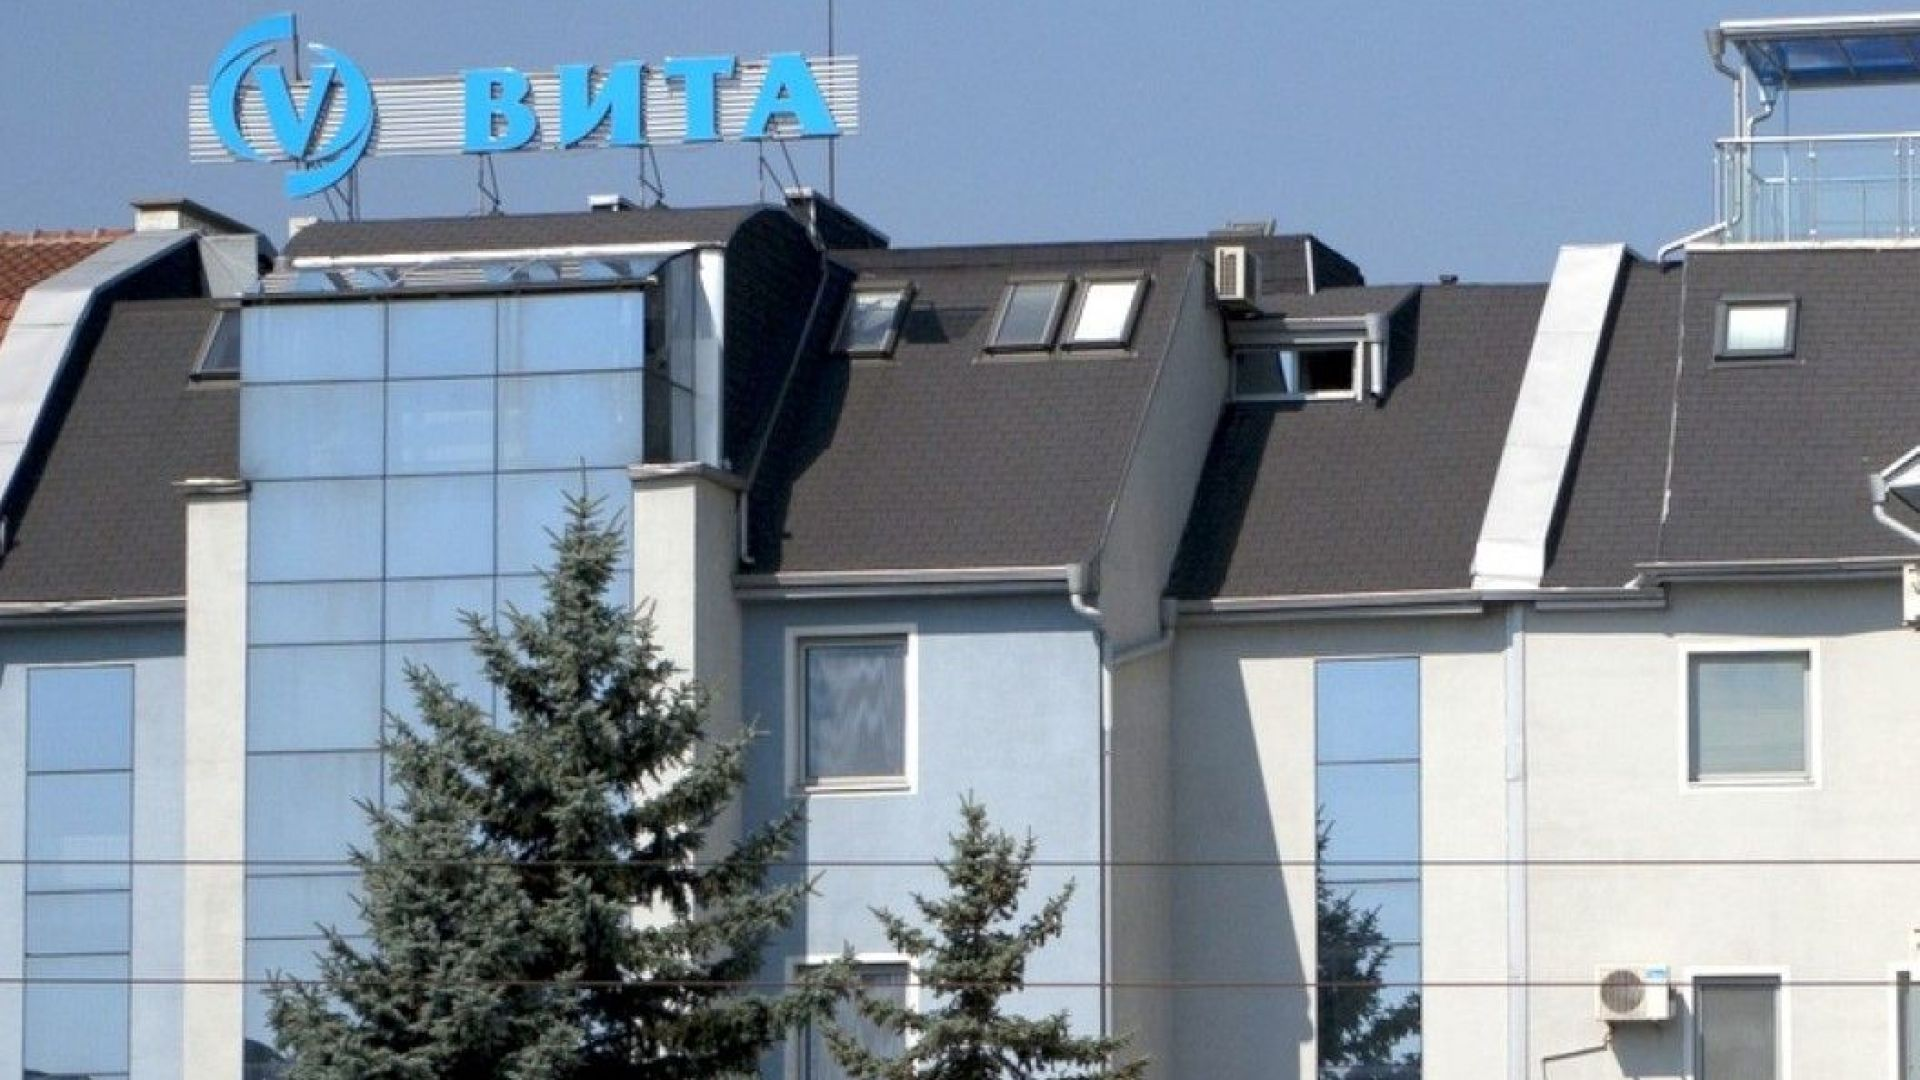 Новият Хоспис Вита отваря врати в София